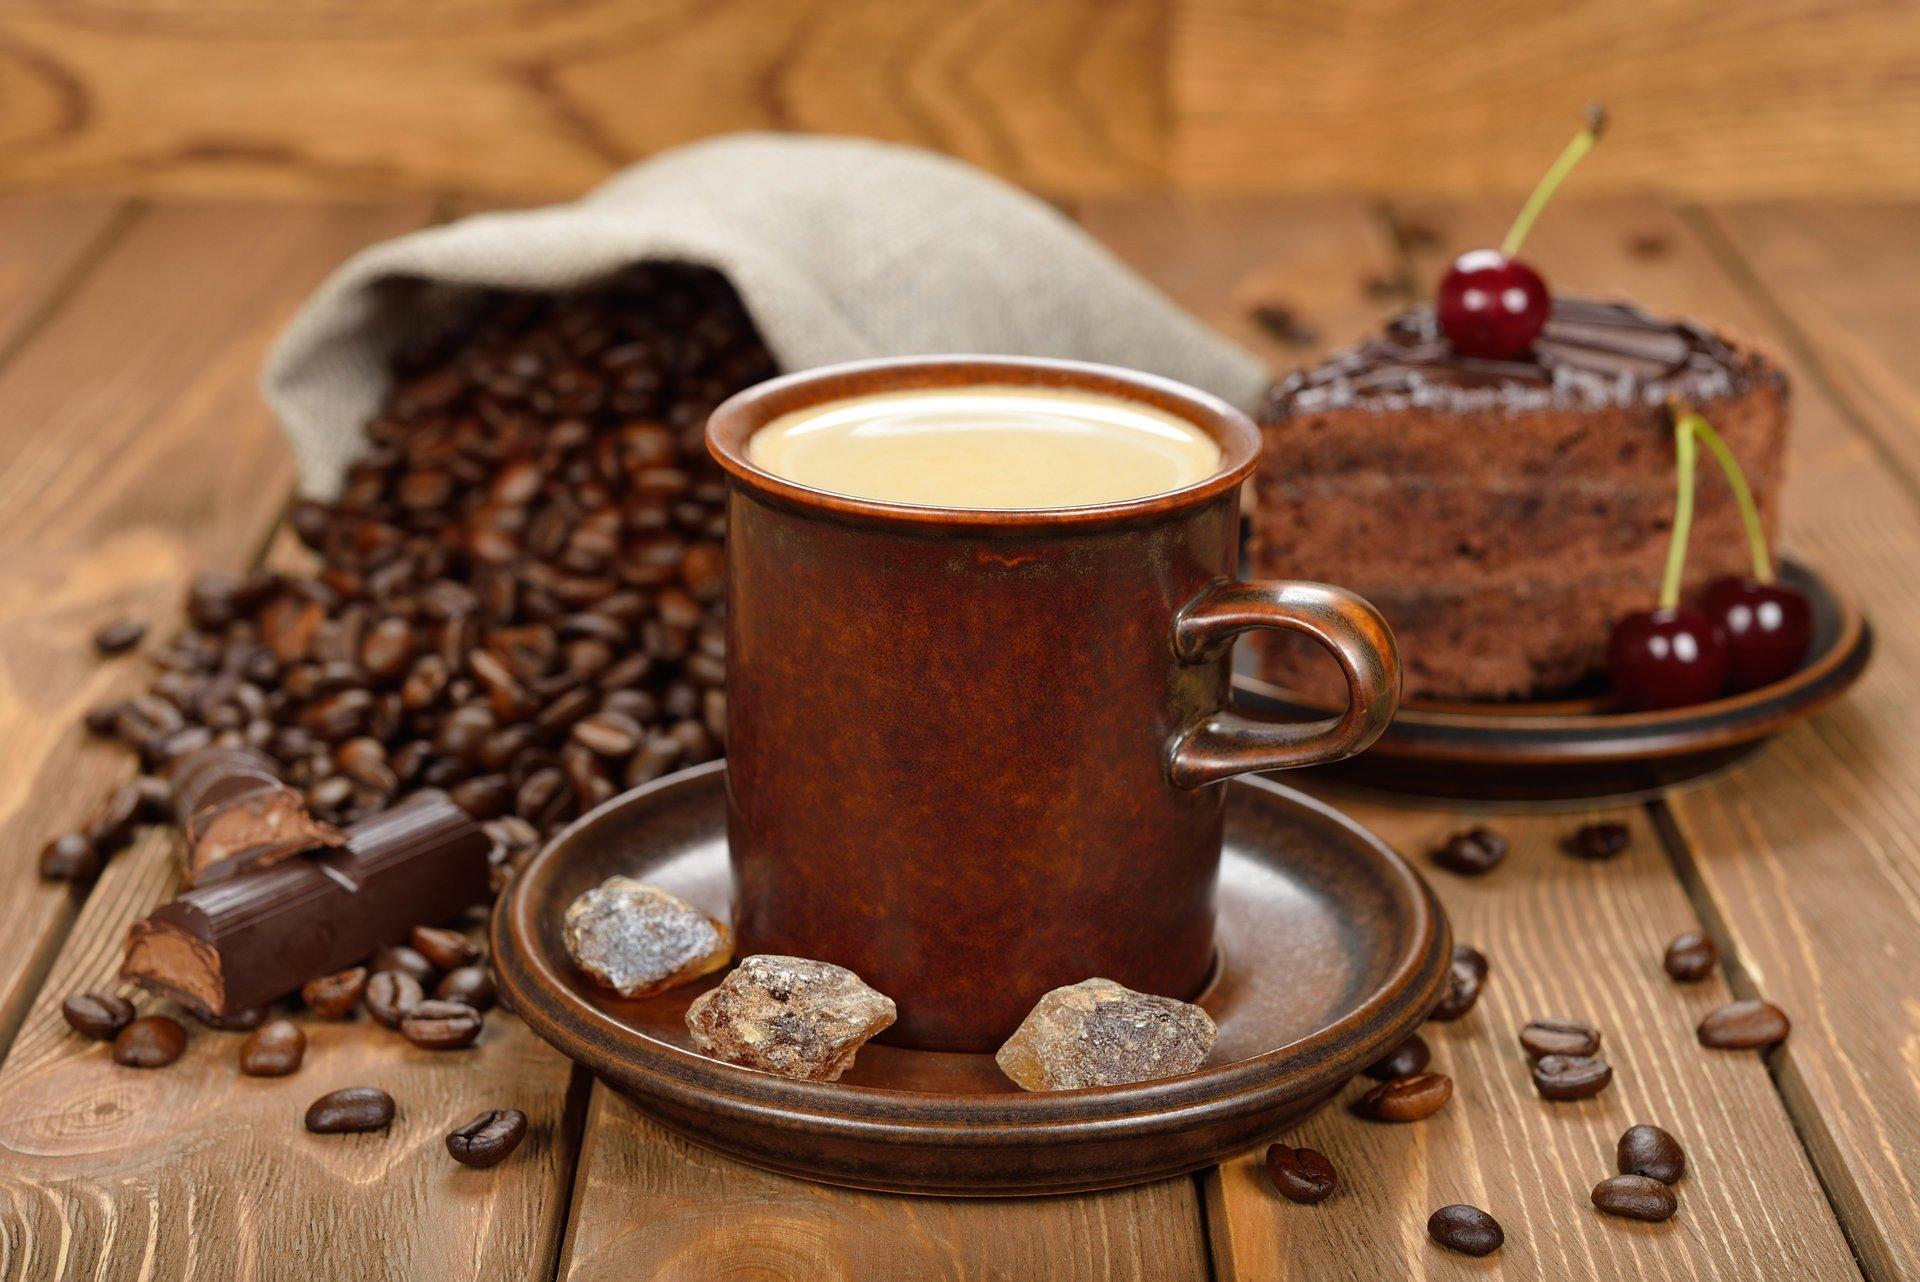 Пообщаемся смешные, кофе и шоколад картинки